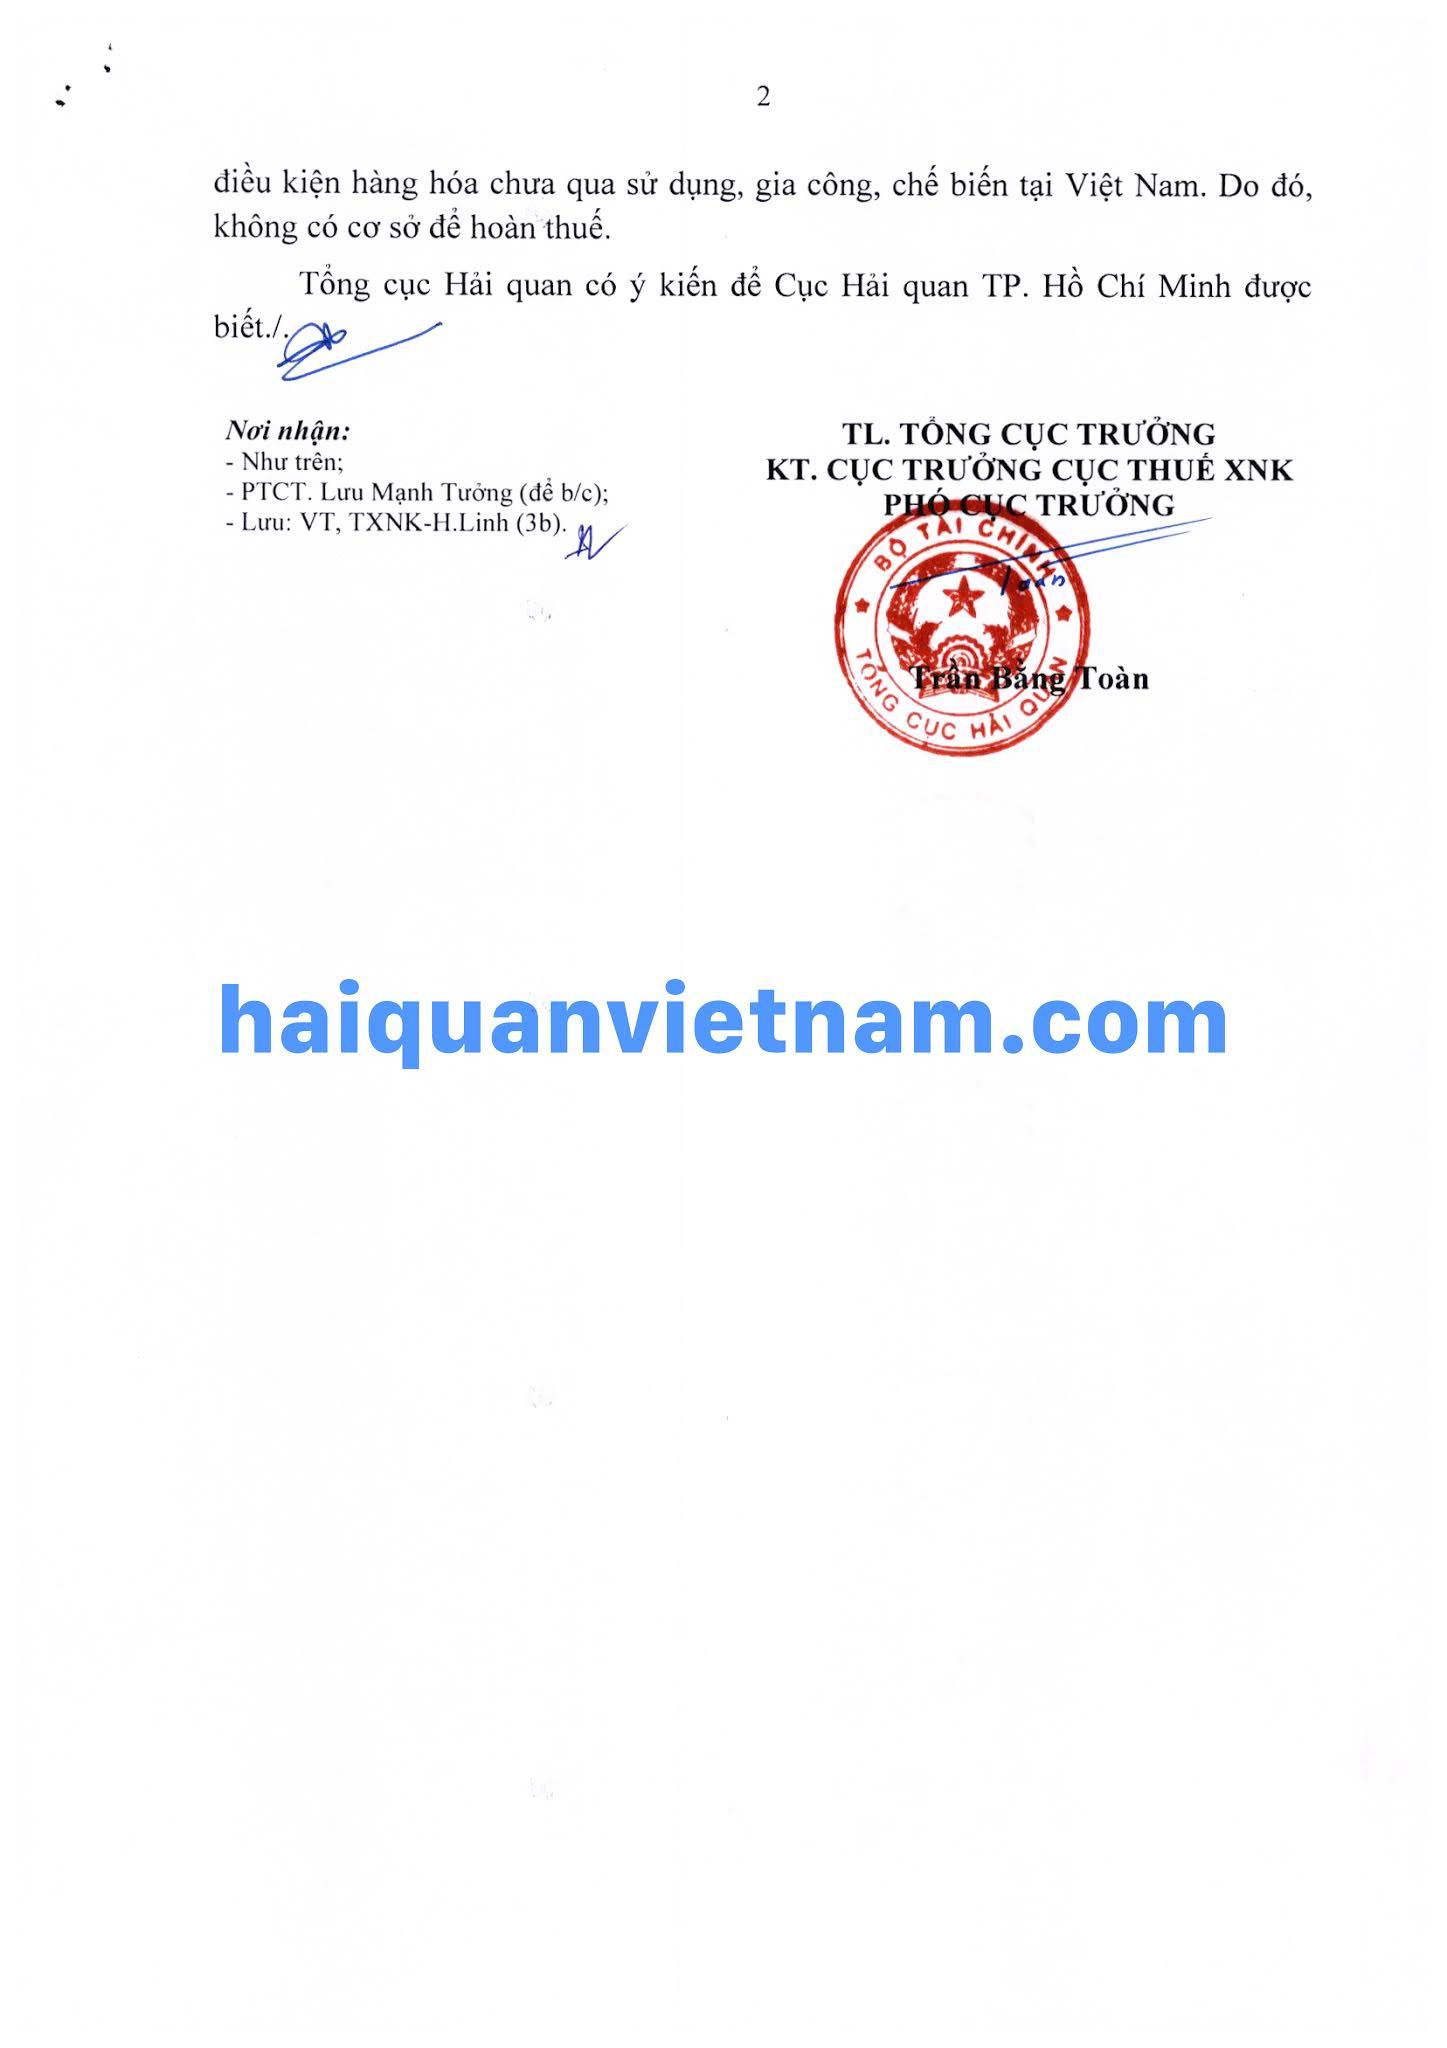 [Image: 210624%2B-%2B3191-TCHQ-TXNK_haiquanvietnam_02.jpg]